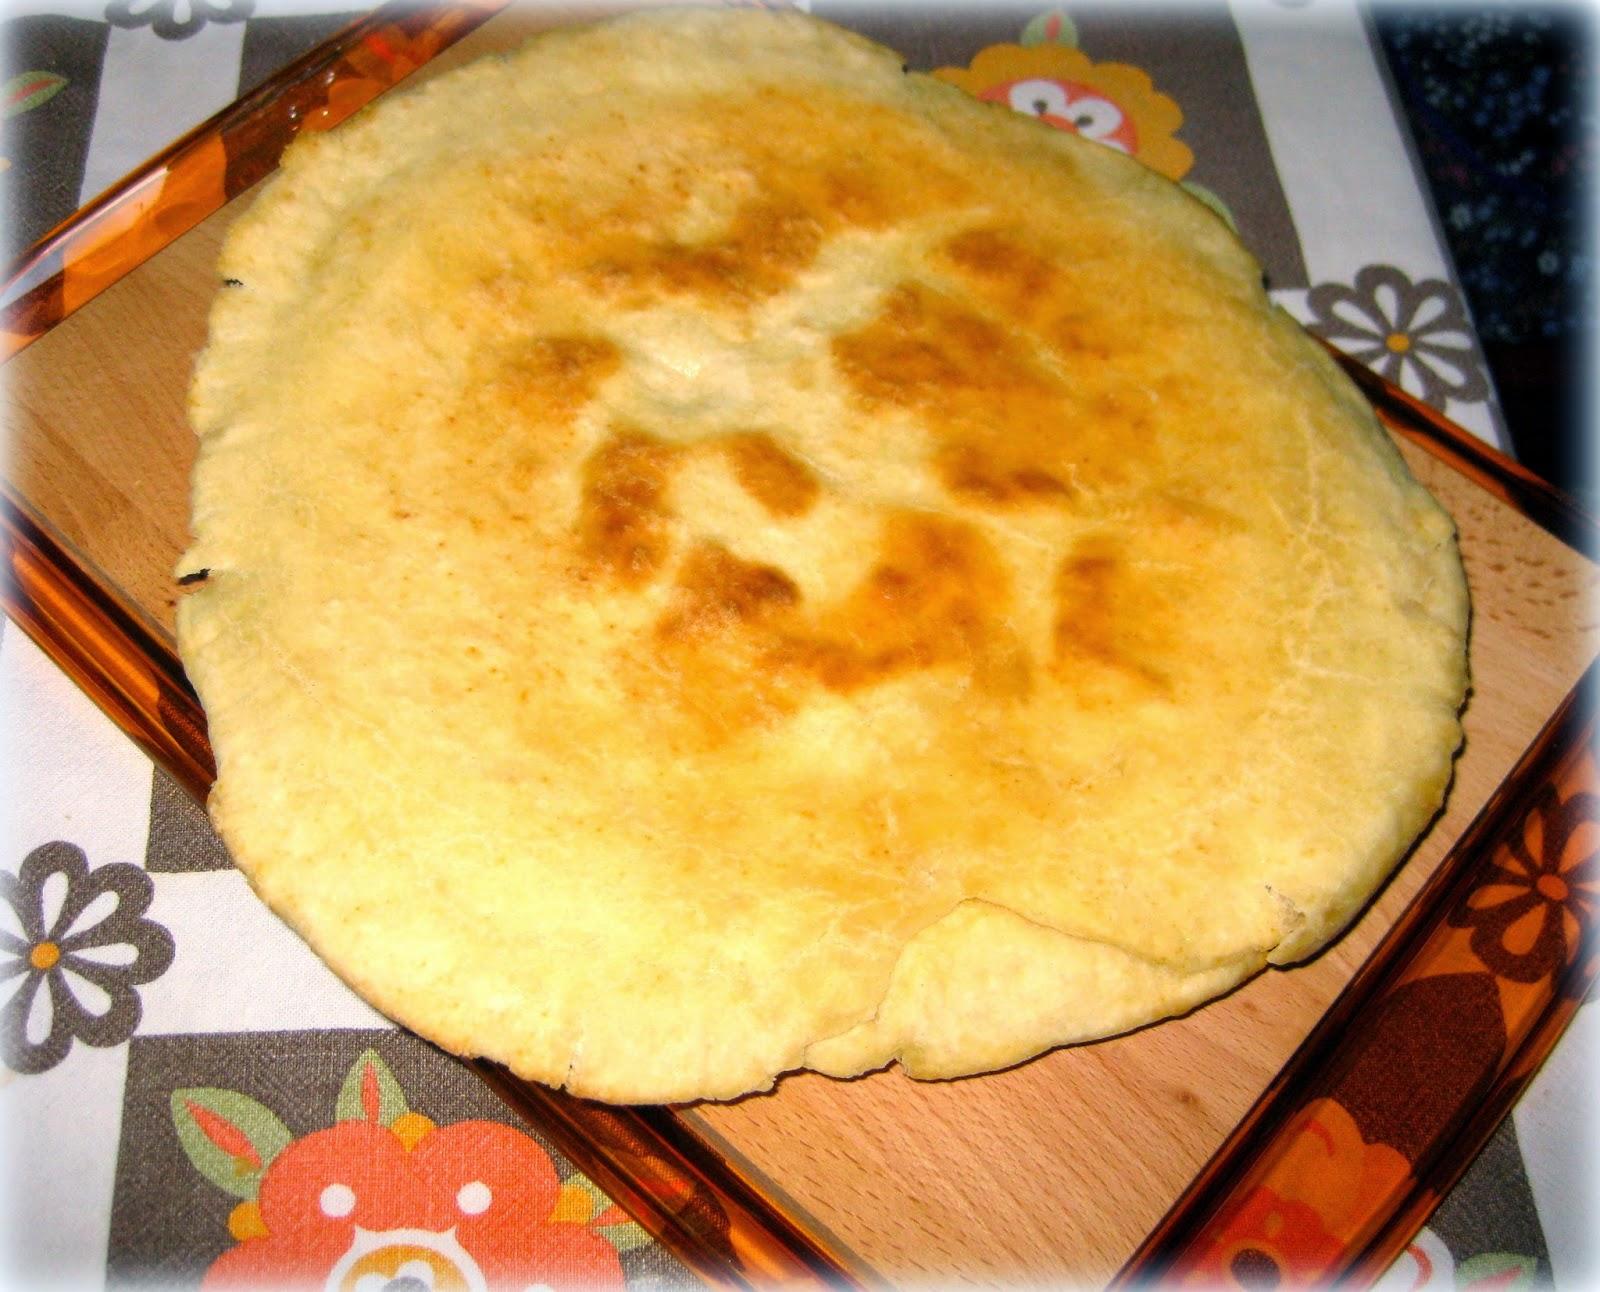 La ricetta della focaccia con zucchine e prosciutto è velocissima da preparare perchè si cuoce in padella.